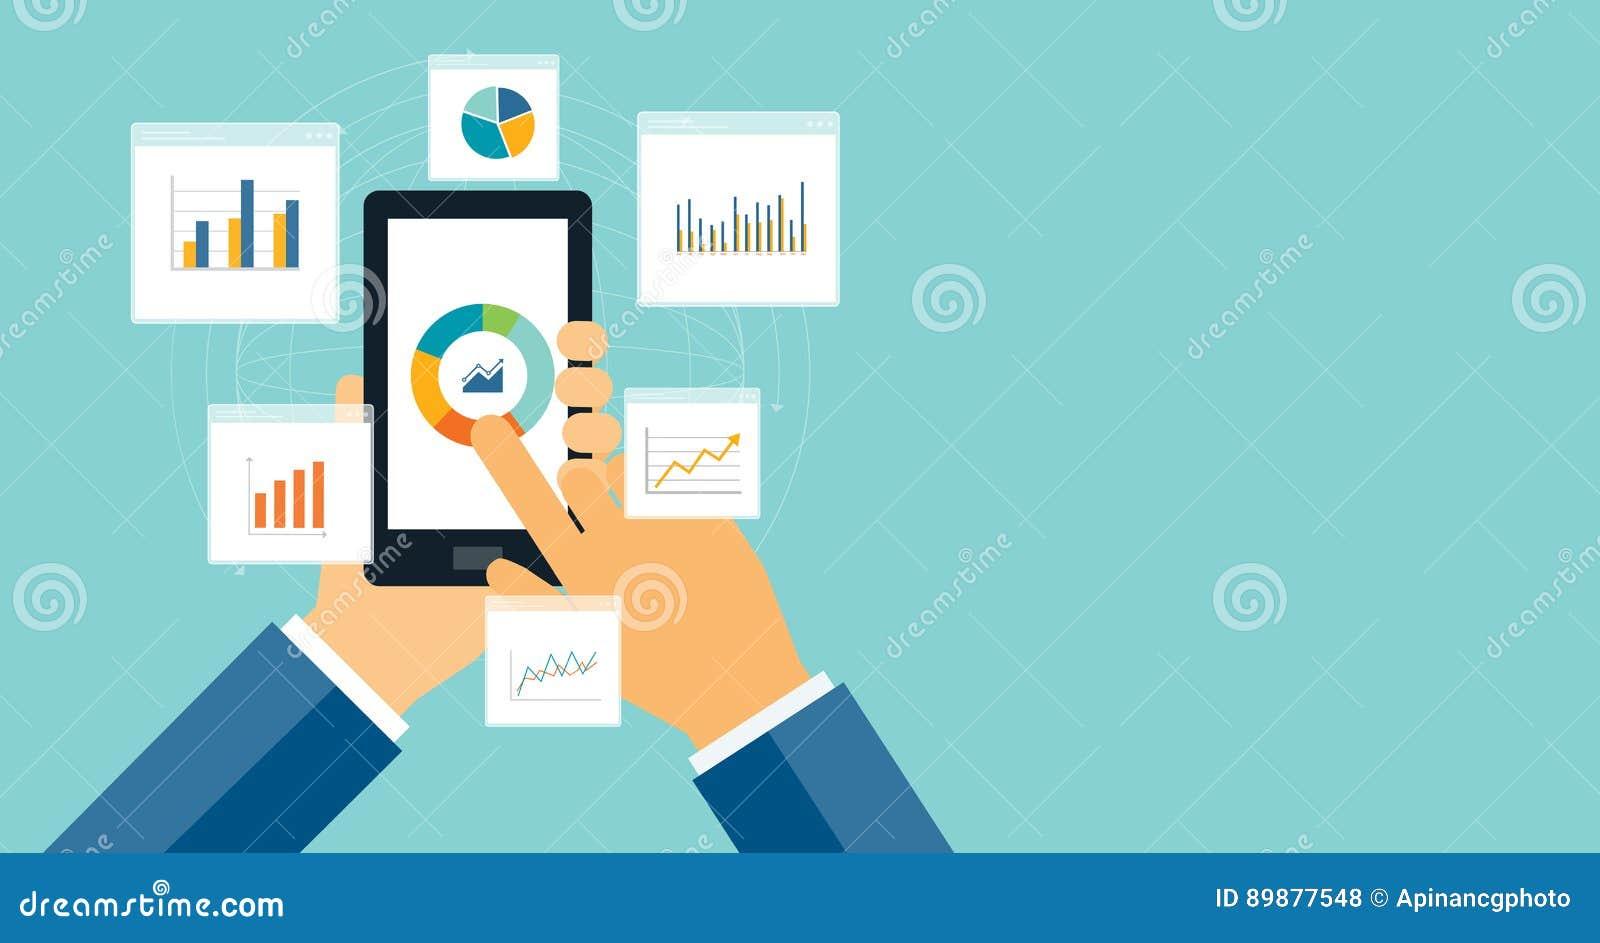 Flaches Geschäftsanalytikdiagramm auf tragbarem Gerät